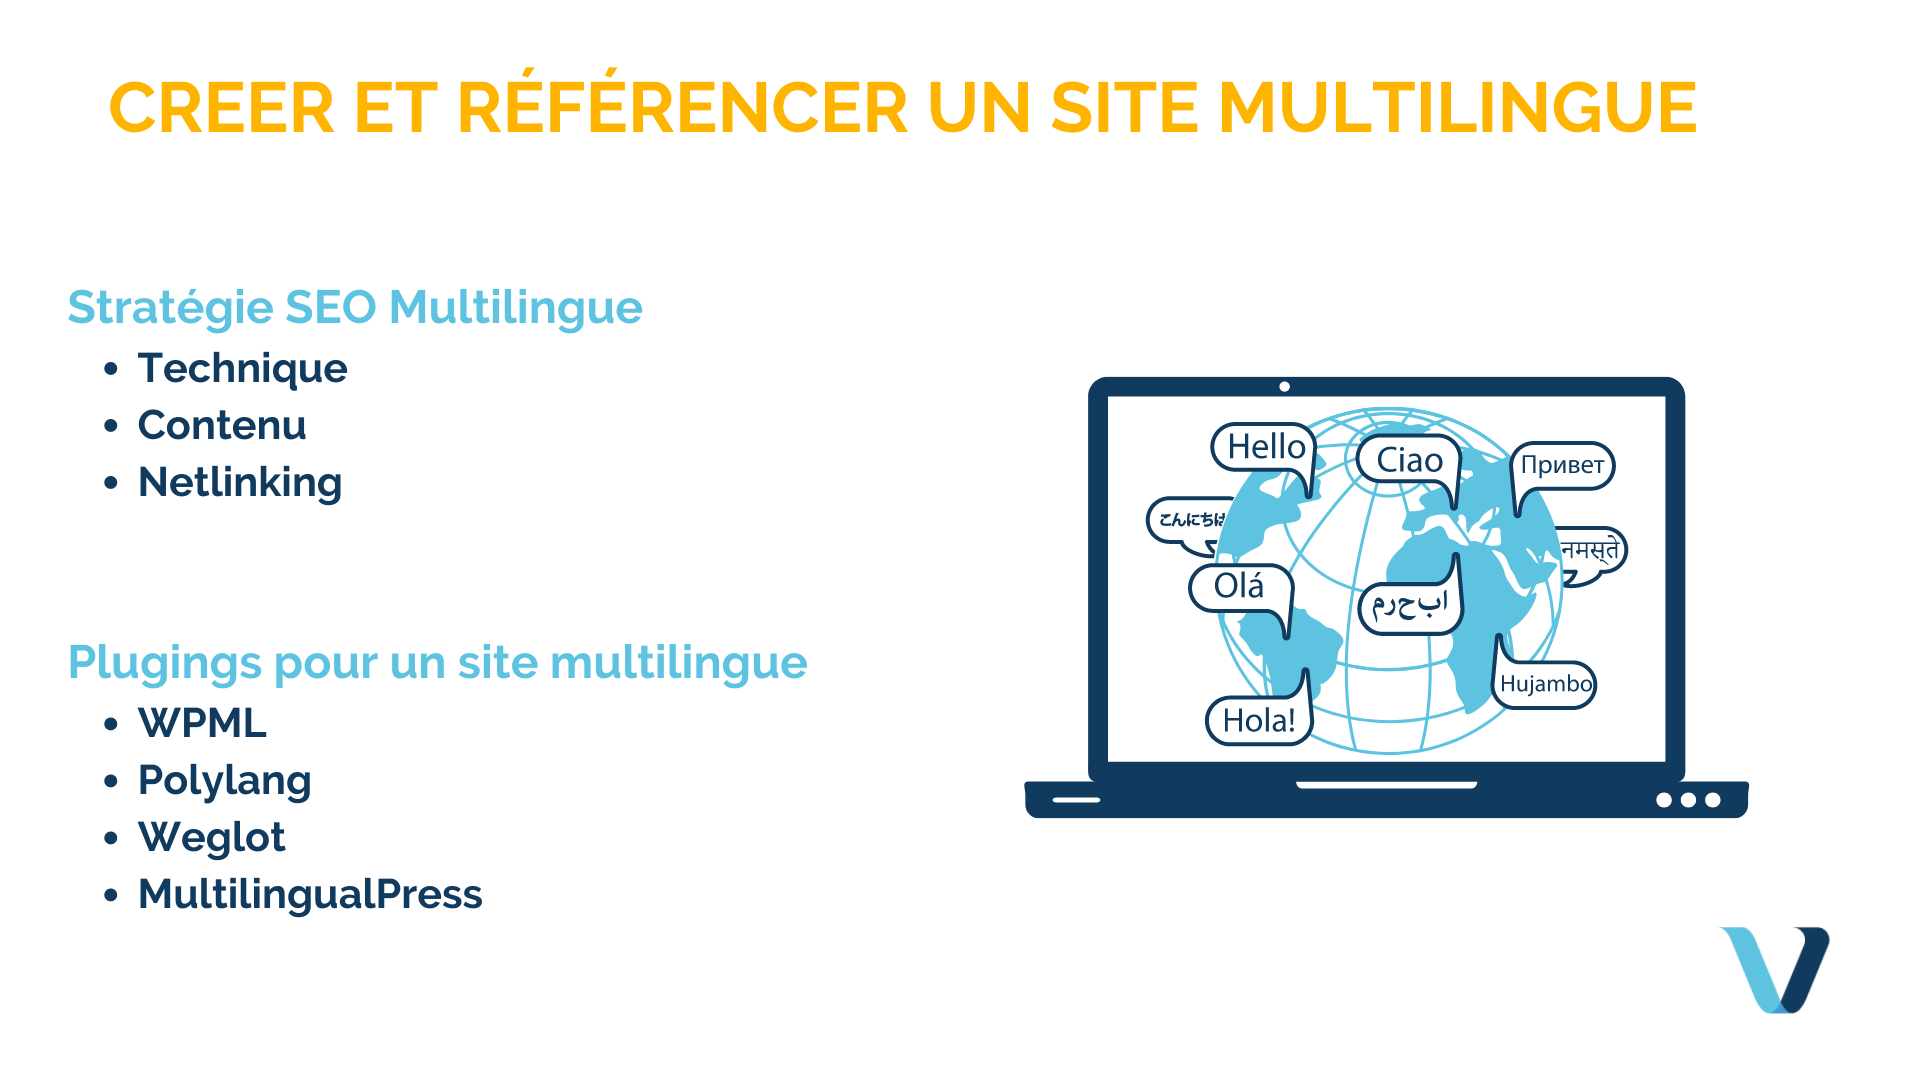 Comment faire un site multilingue et le référencer ?